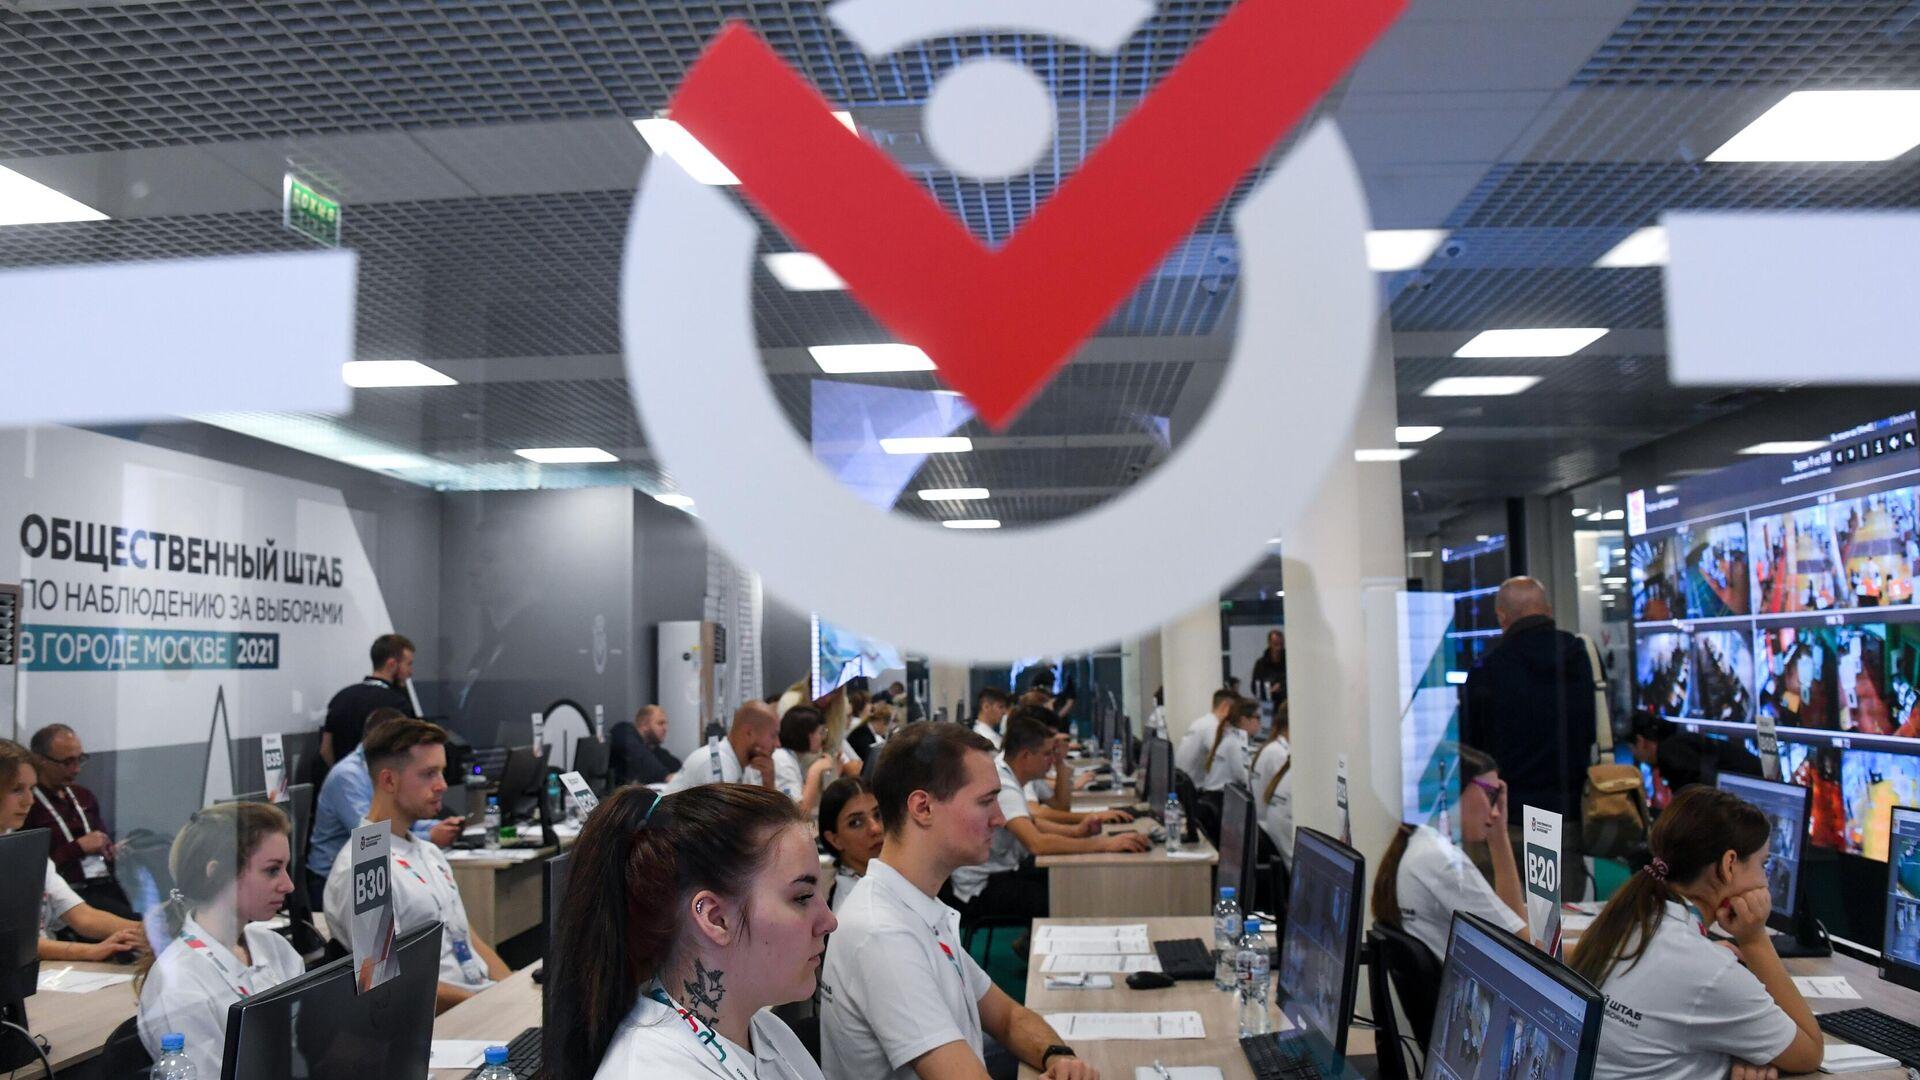 Наблюдатели рассказали о нарушениях на выборах в Госдуму